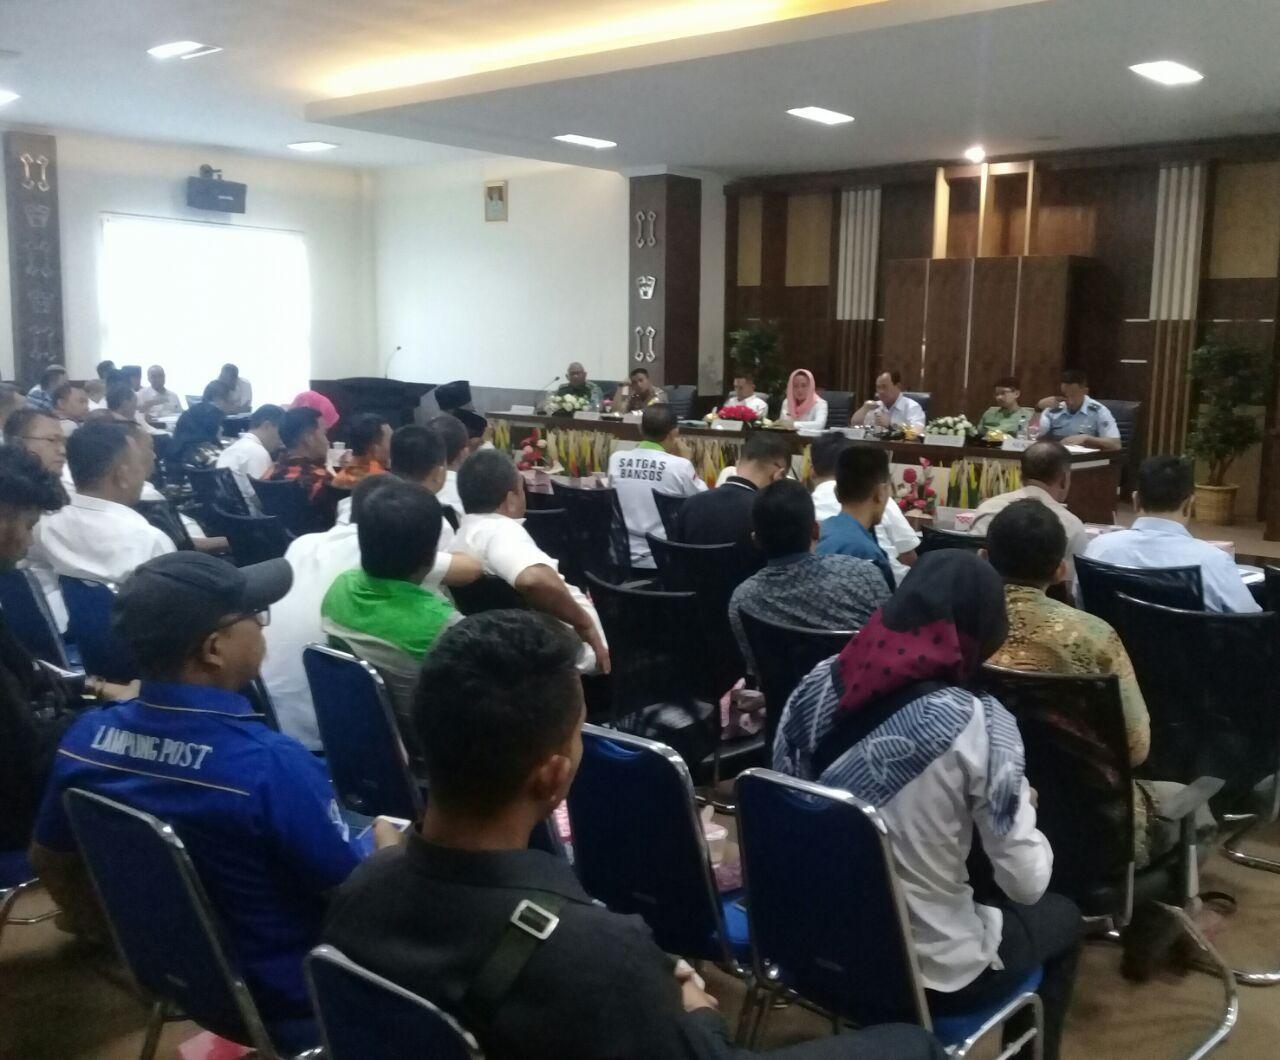 Bupati Winarti Optimis Penyambutan Peserta Kirab Obor Asean Games 2018 di Tulang Bawang Berjalan Lancar